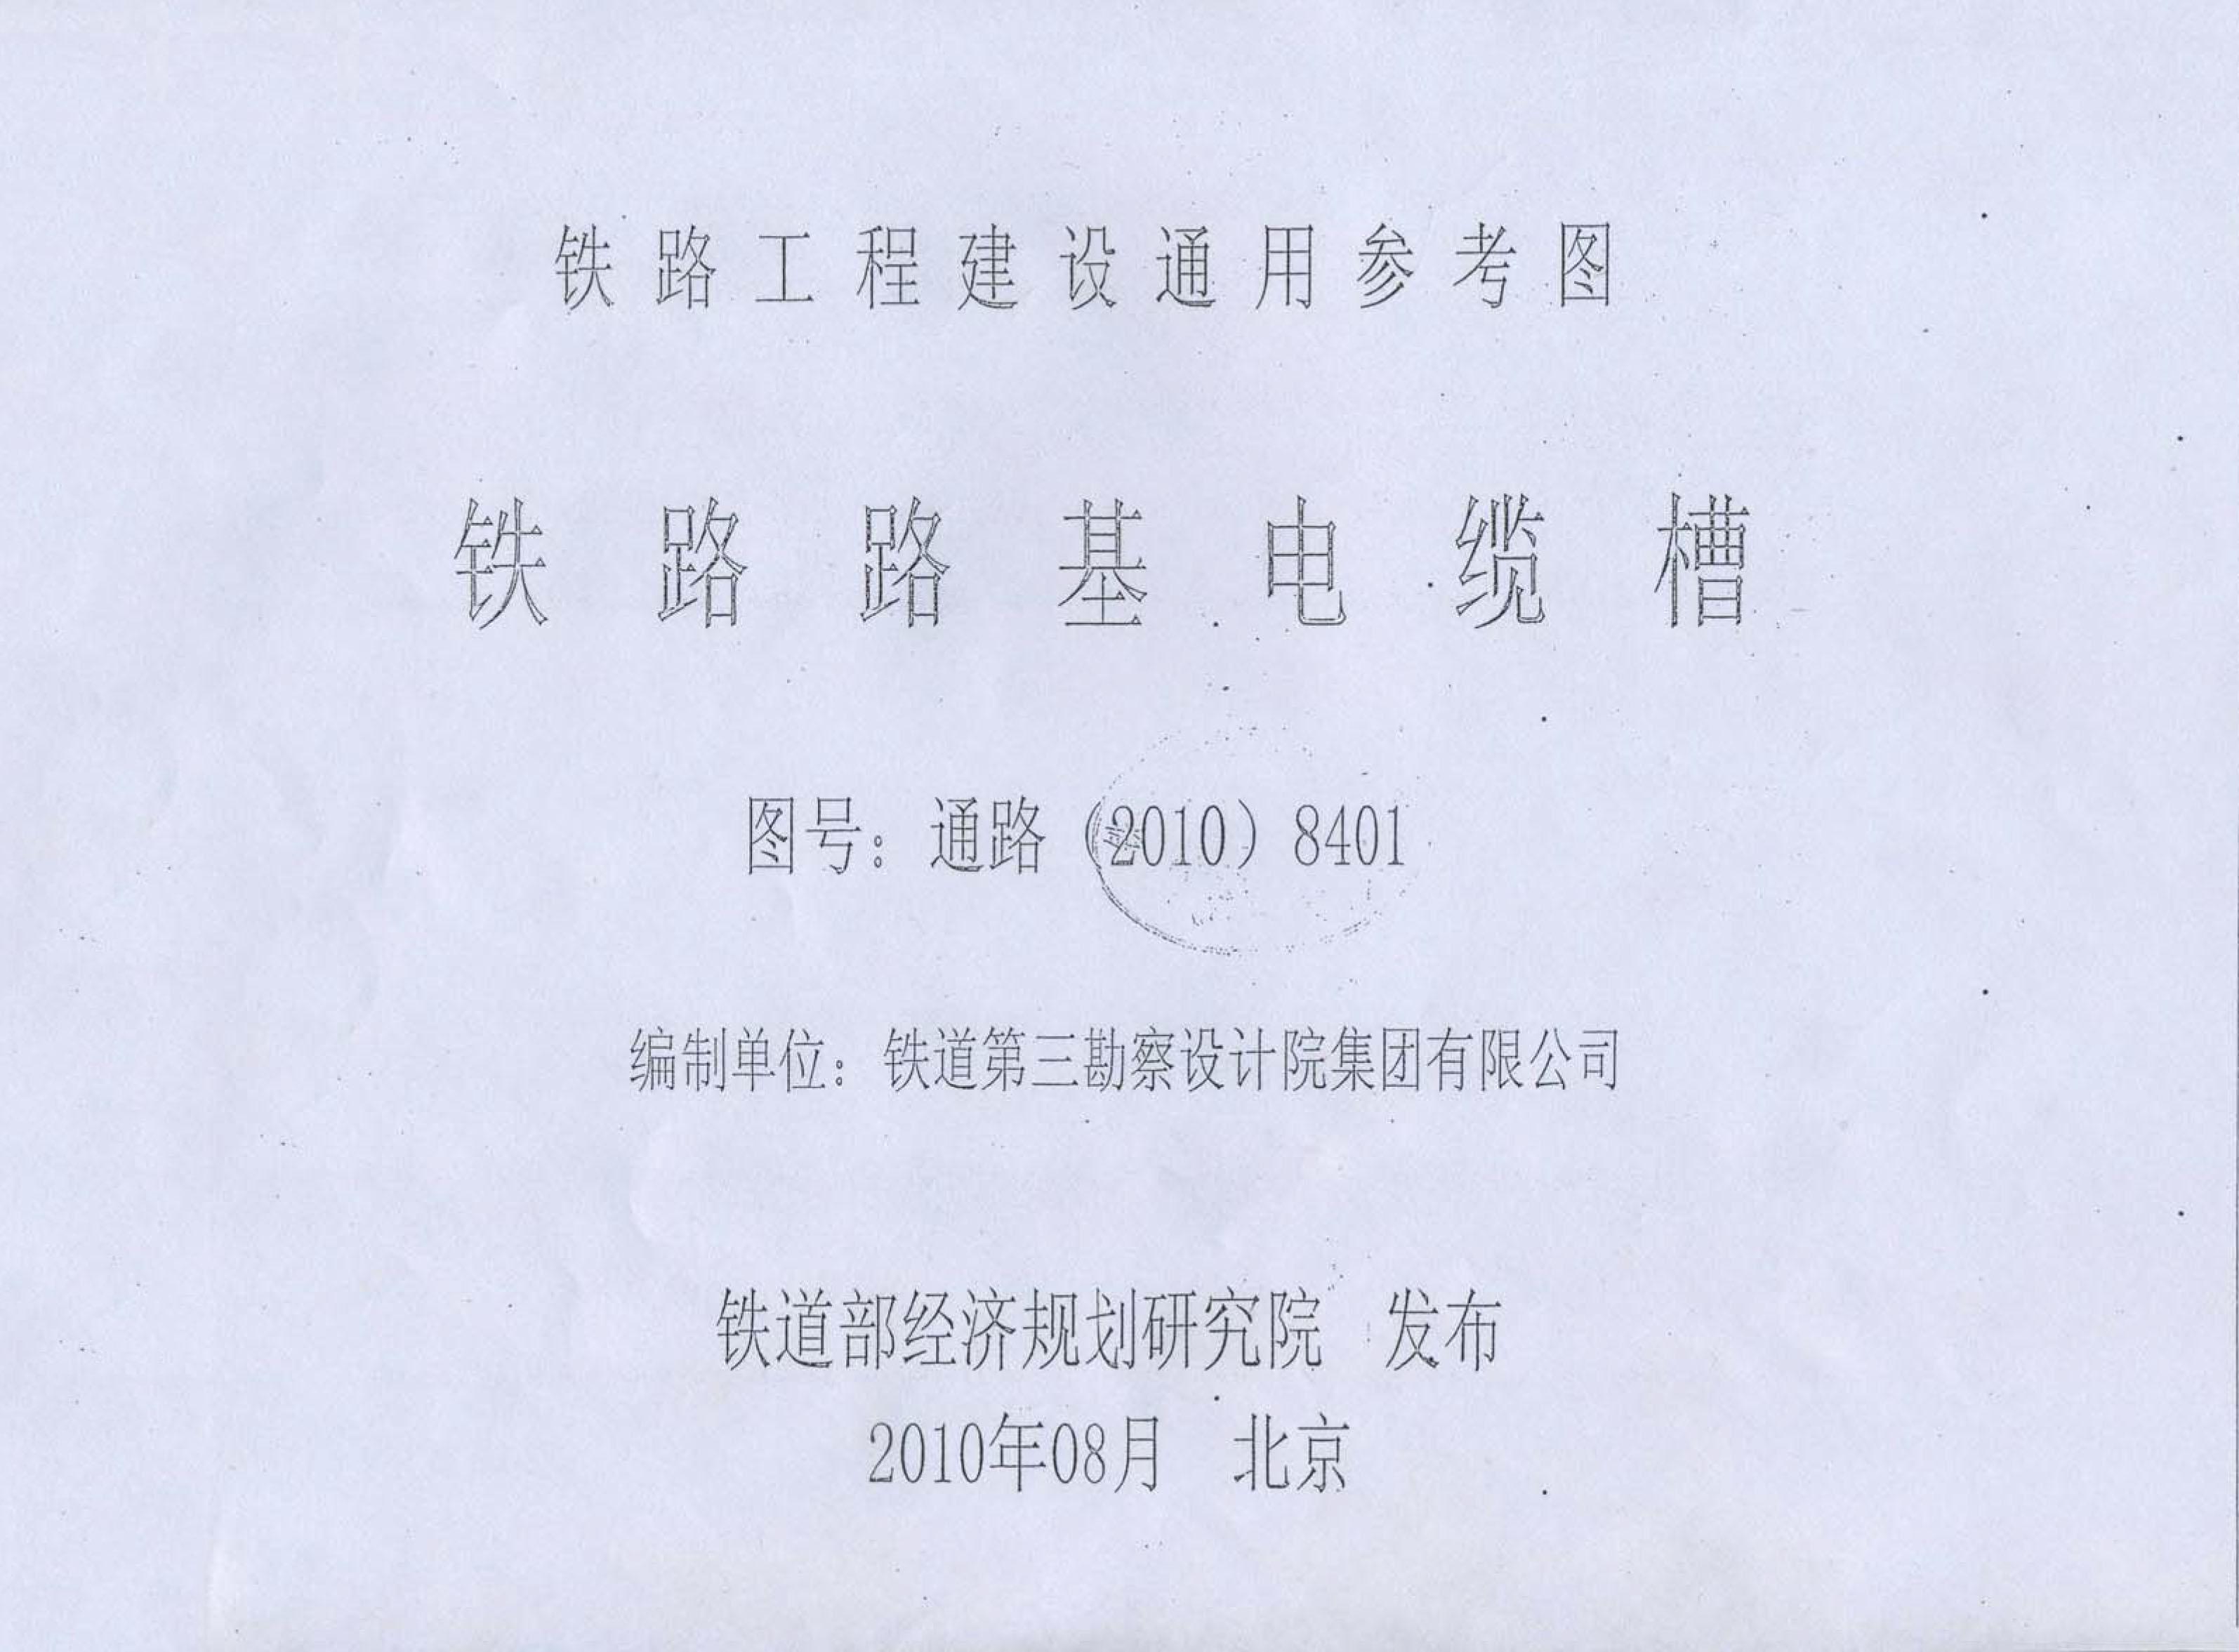 鐵路路基電纜槽通路(2010)8401.jpg